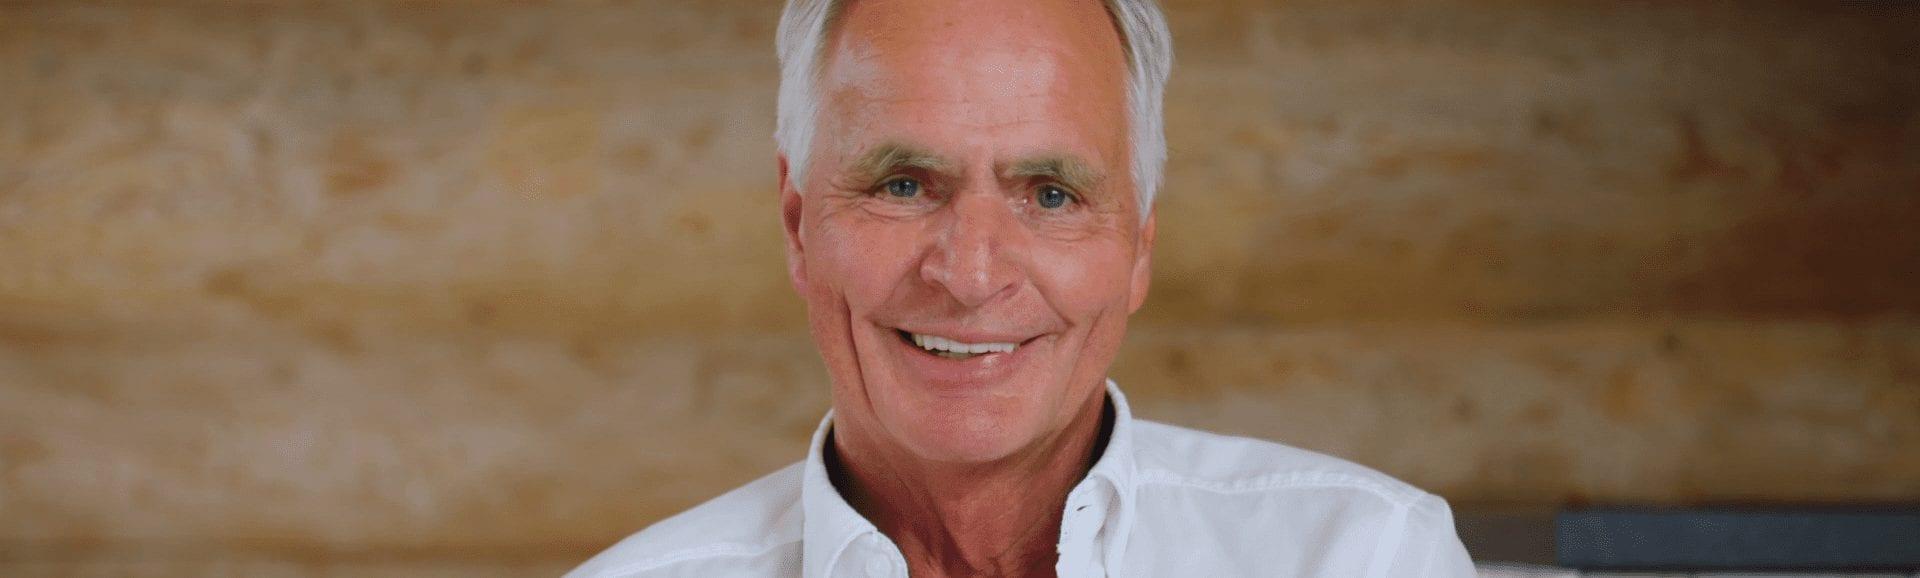 Herr Fröhlich freut sich über den erfolgreichen Teilverkauf seiner Immobilie